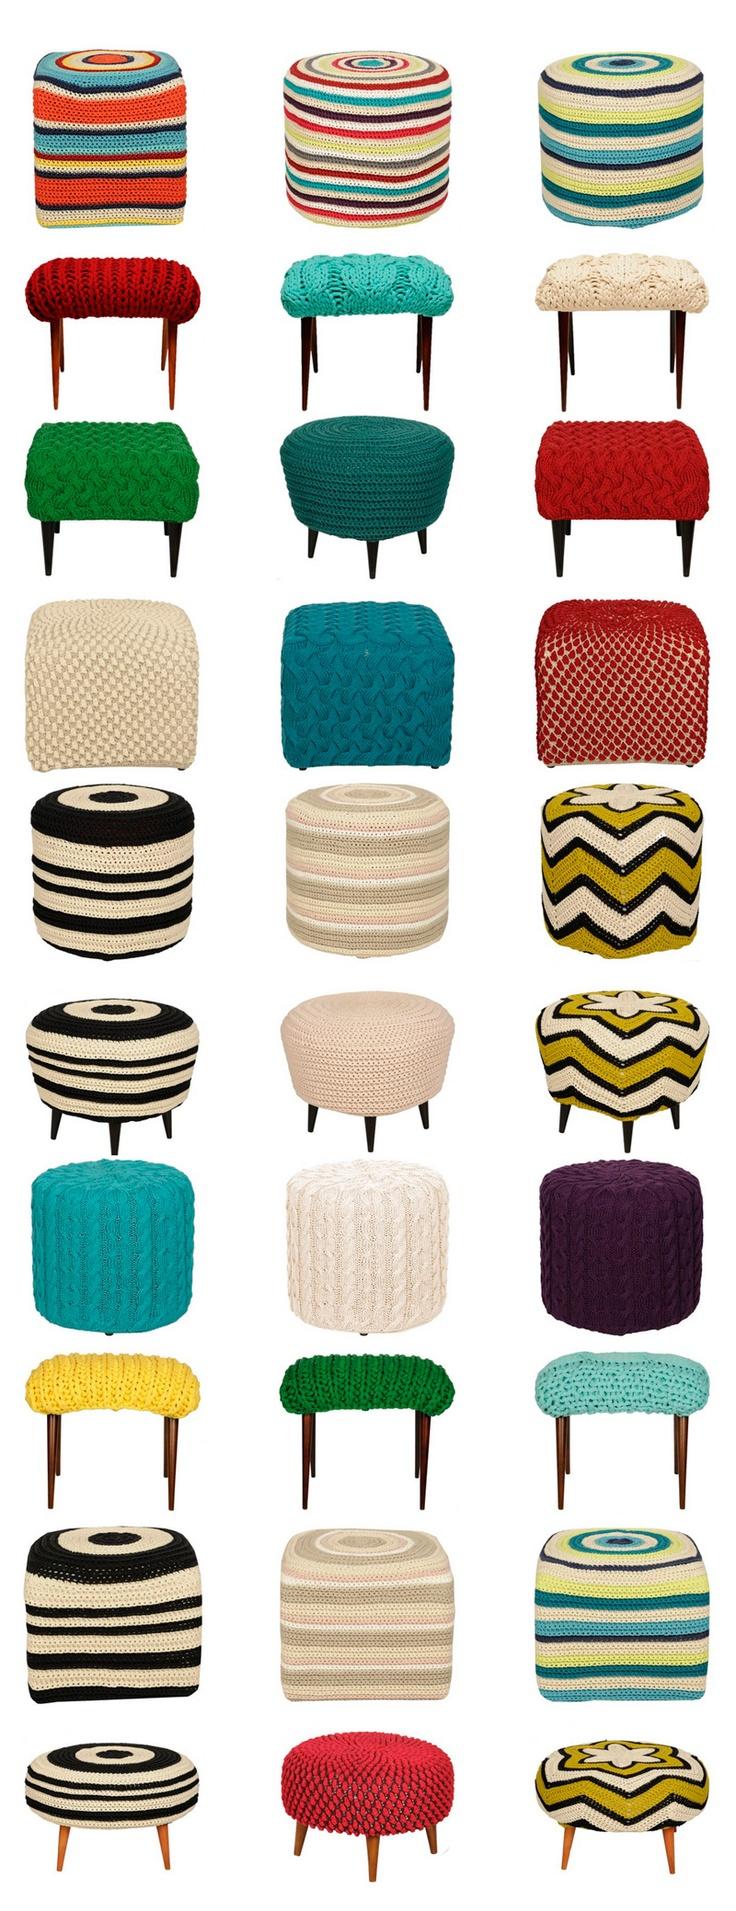 capas para banquinhos e pufes em tricô e crochet